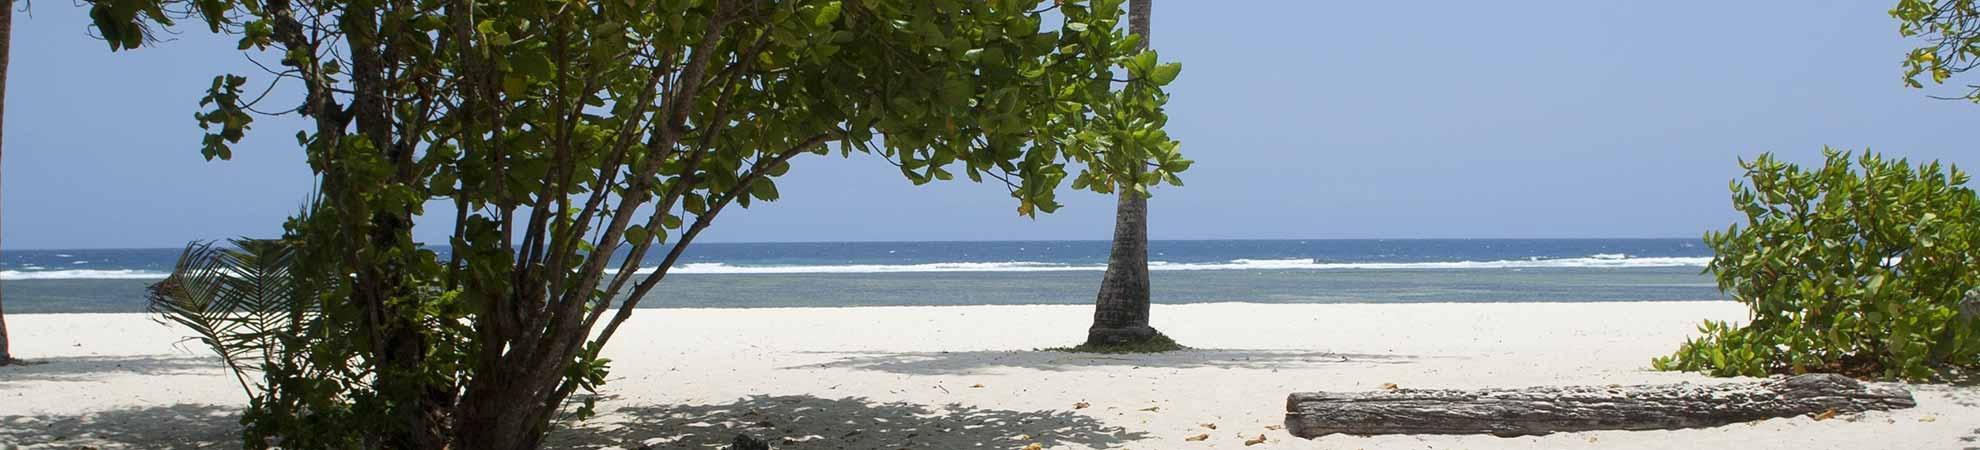 Voyage Tiwi Beach